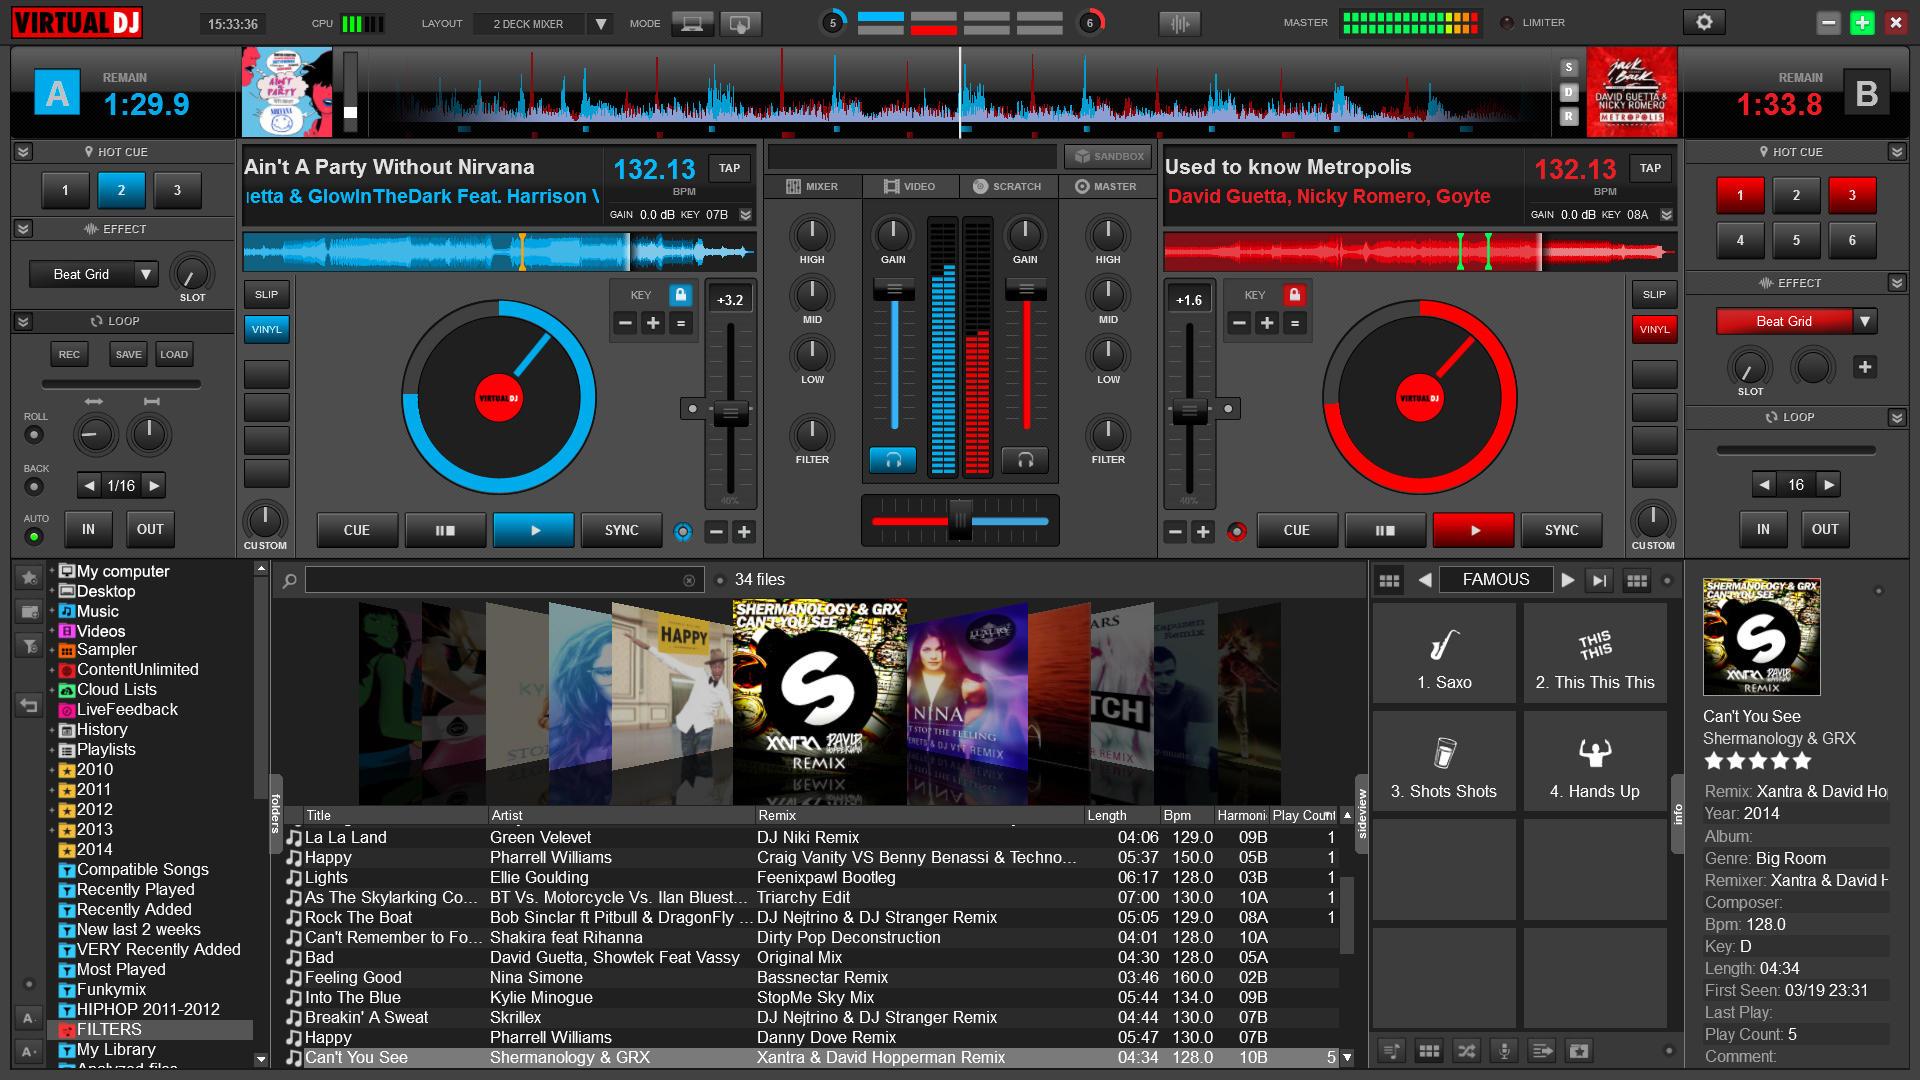 programma gratis per mixare musica